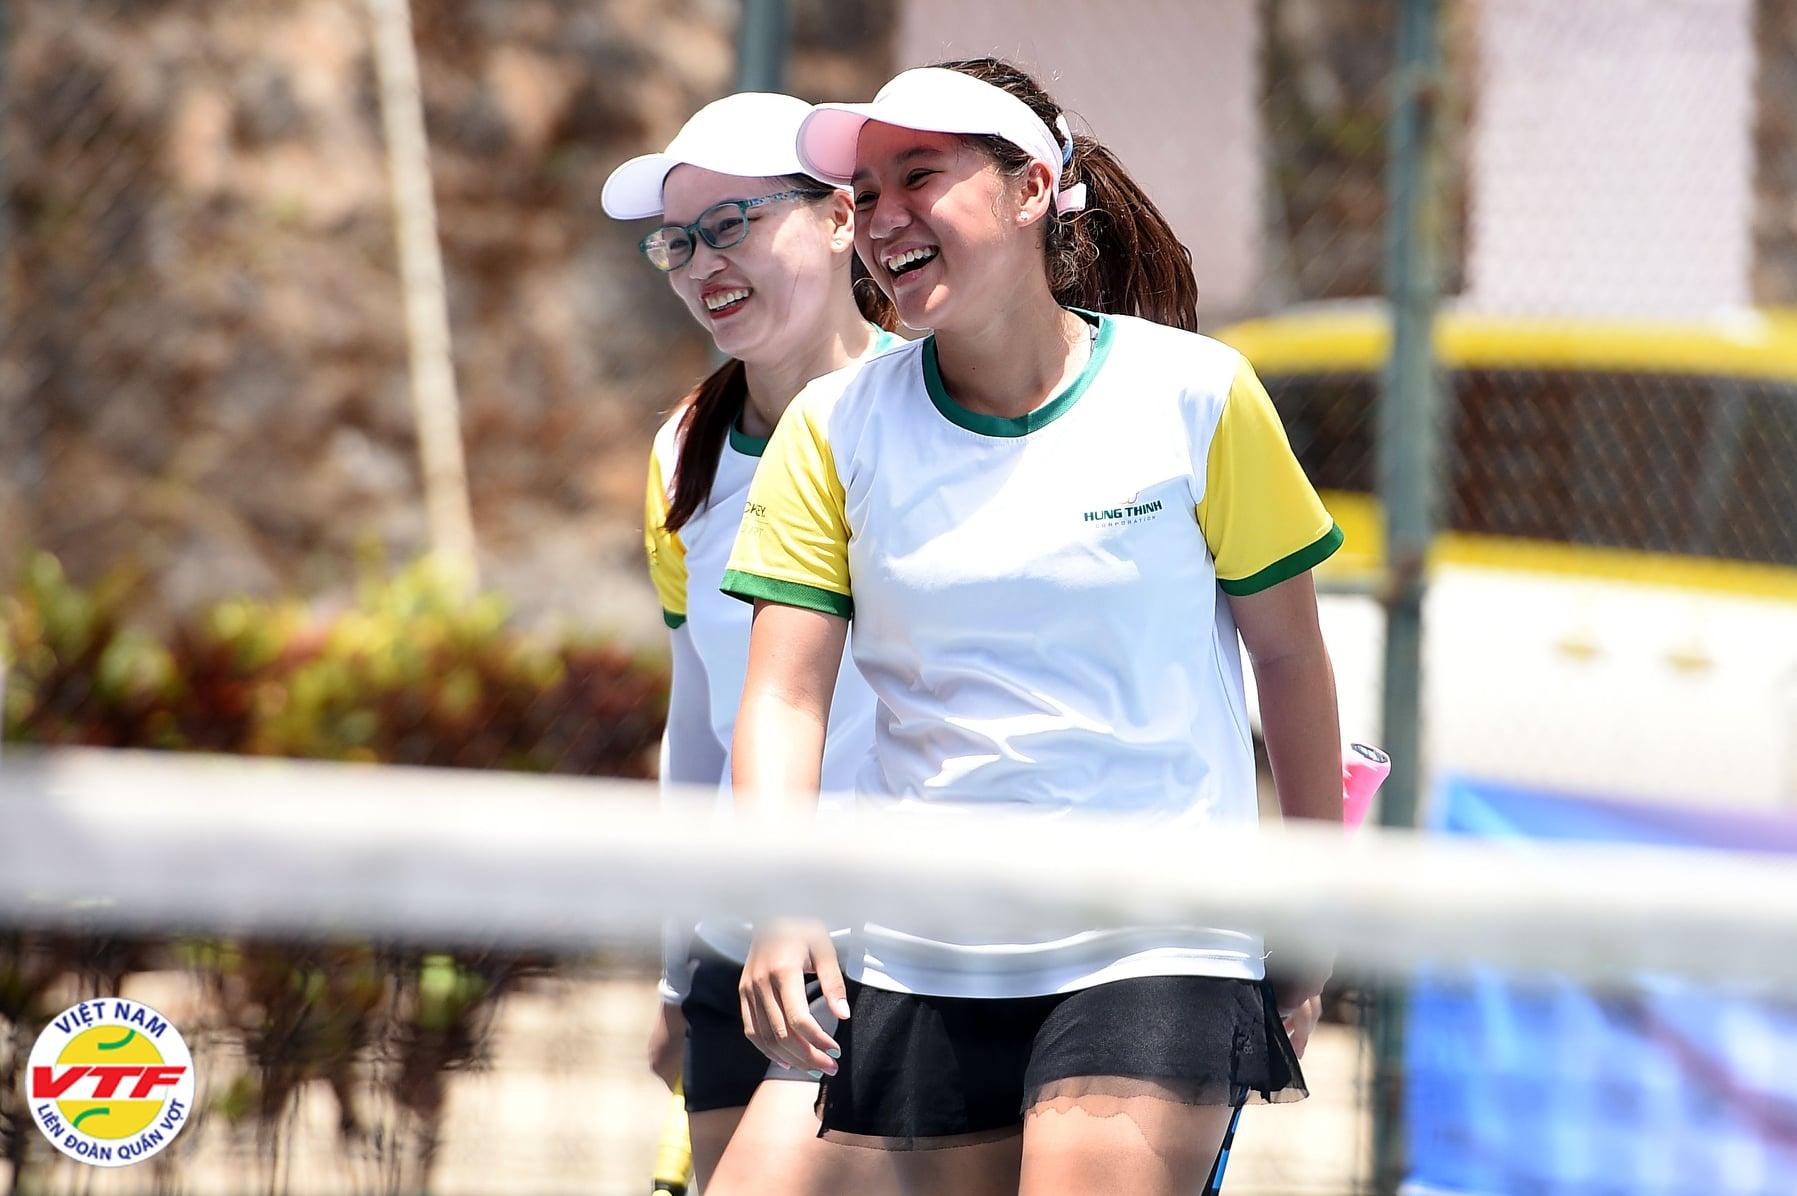 Hình ảnh: Giải quần vợt Vô địch Đồng đội Quốc – Đăk Nông 2021: Lý Hoàng Nam có mặt ở tứ kết, TP.HCM tiếp tục thăng hoa số 5